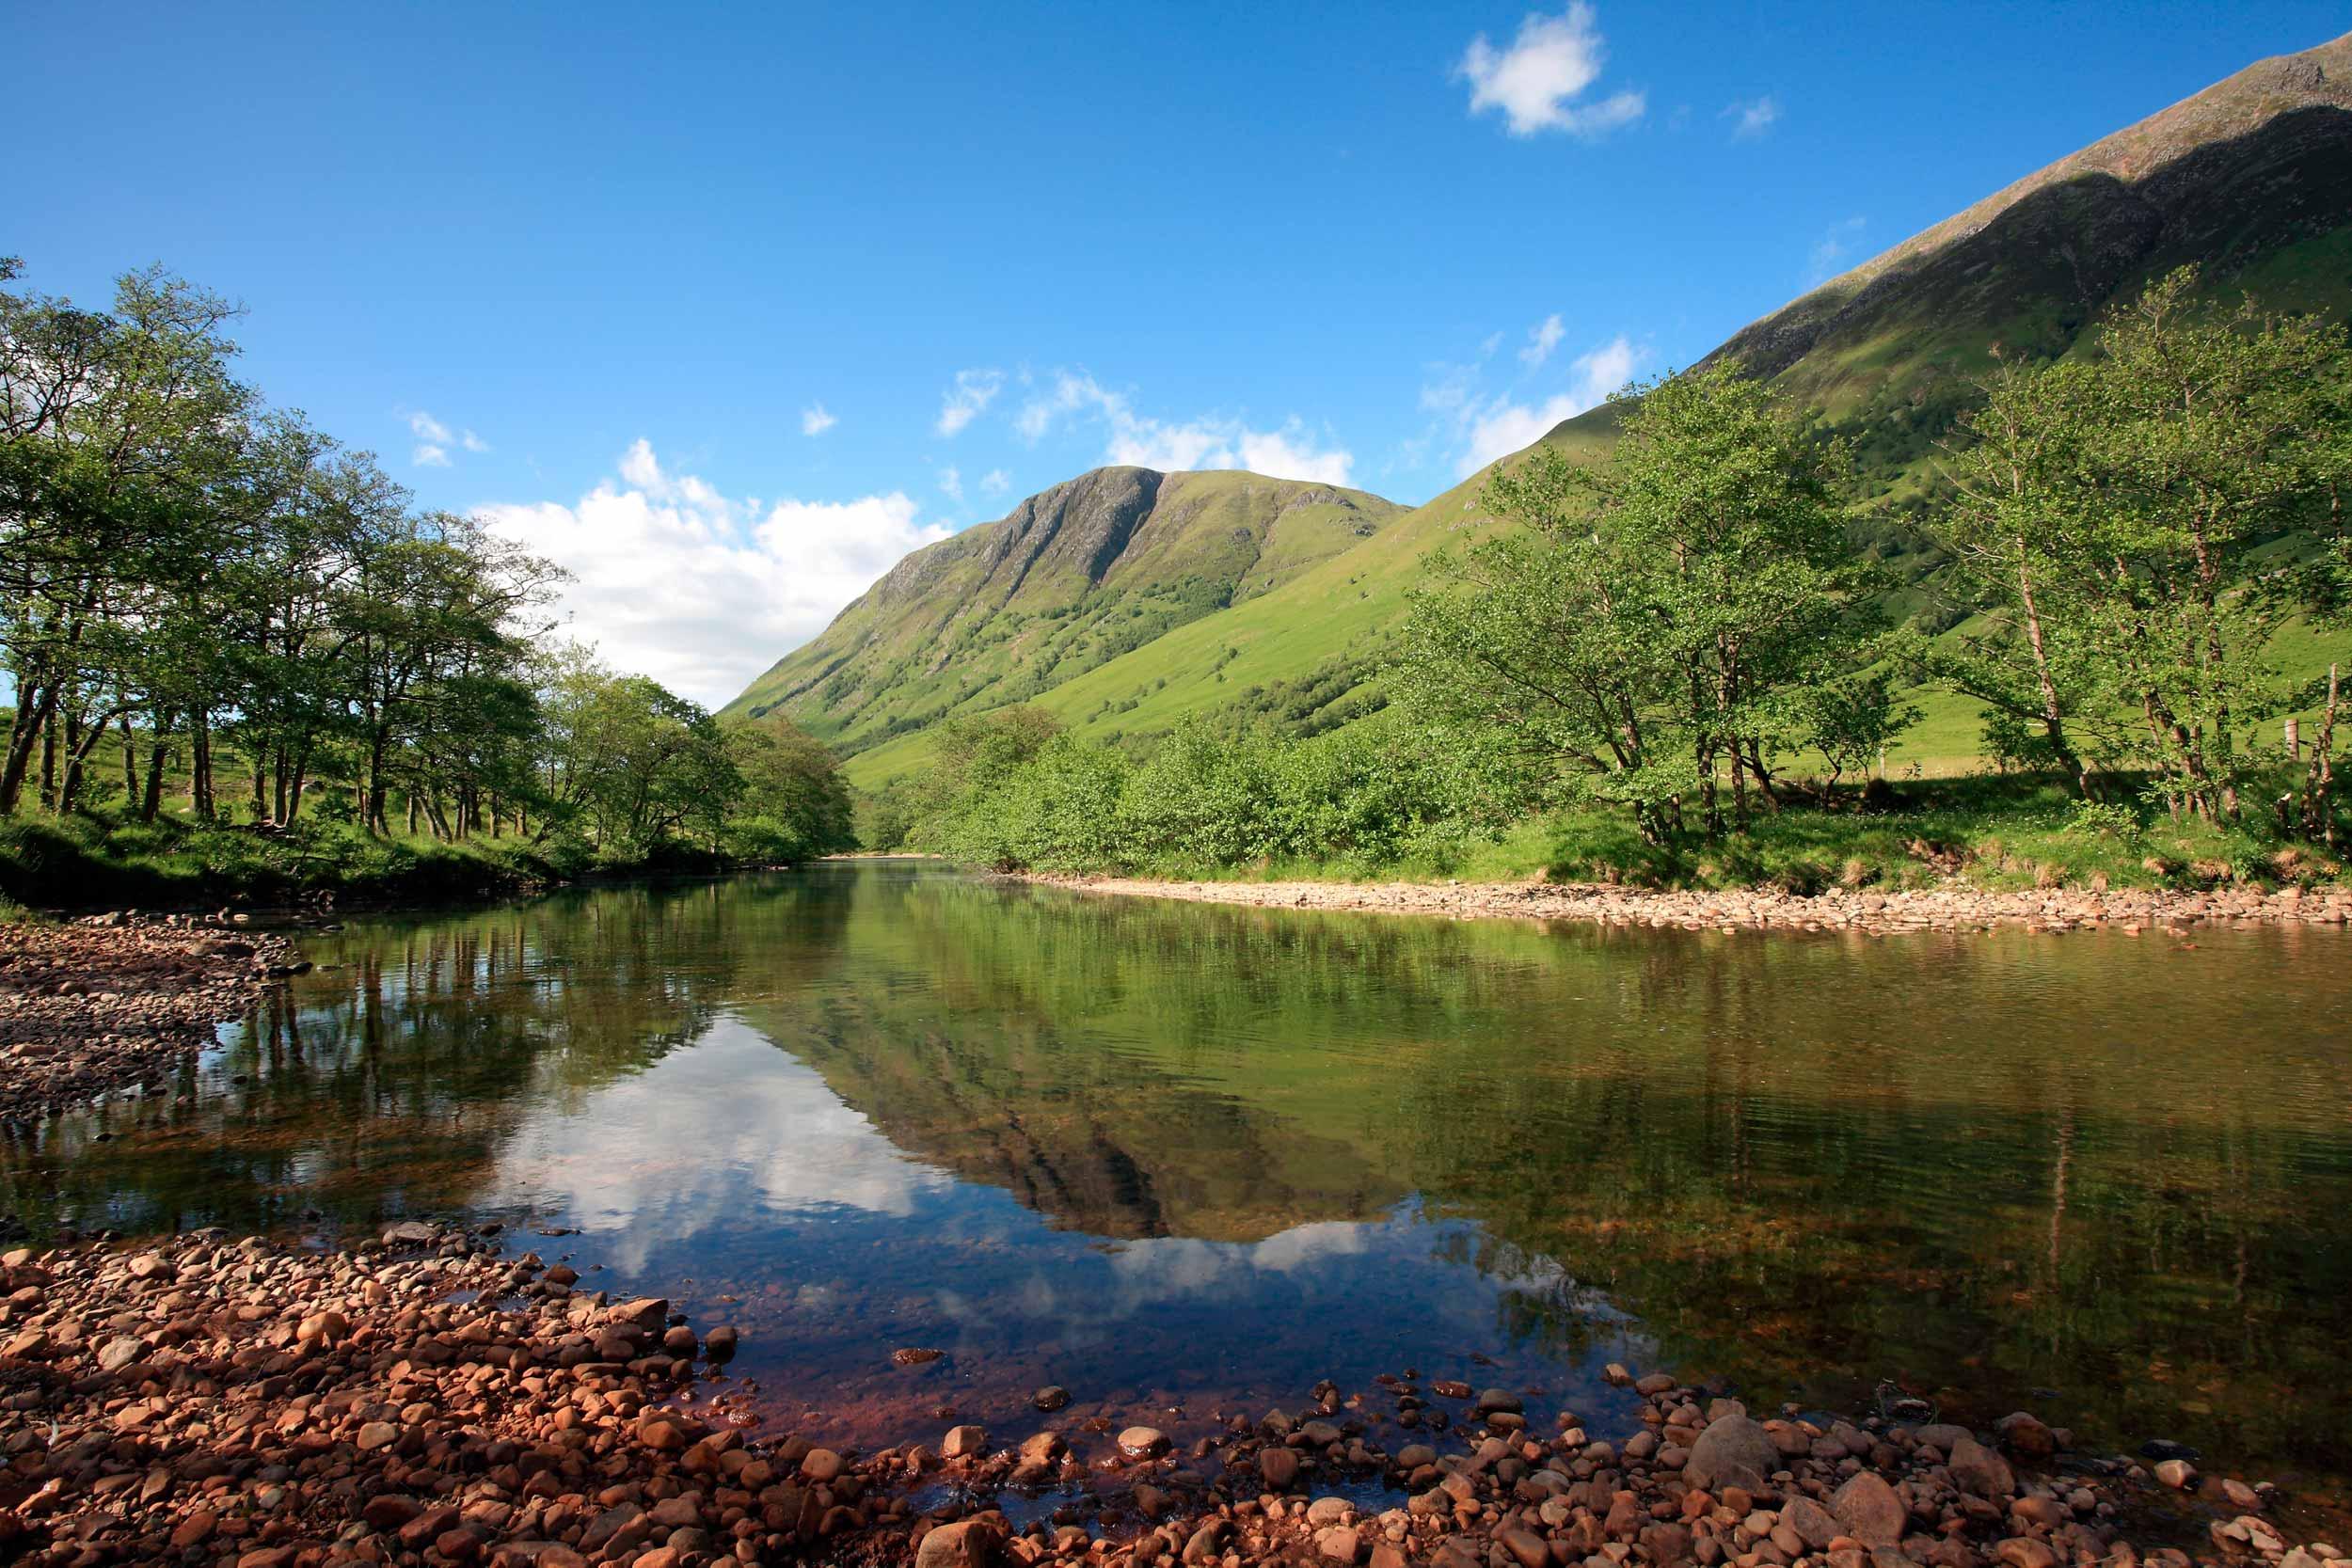 The River Nevis in Glen Nevis, Lochaber, Scotland  (Shutterstock)